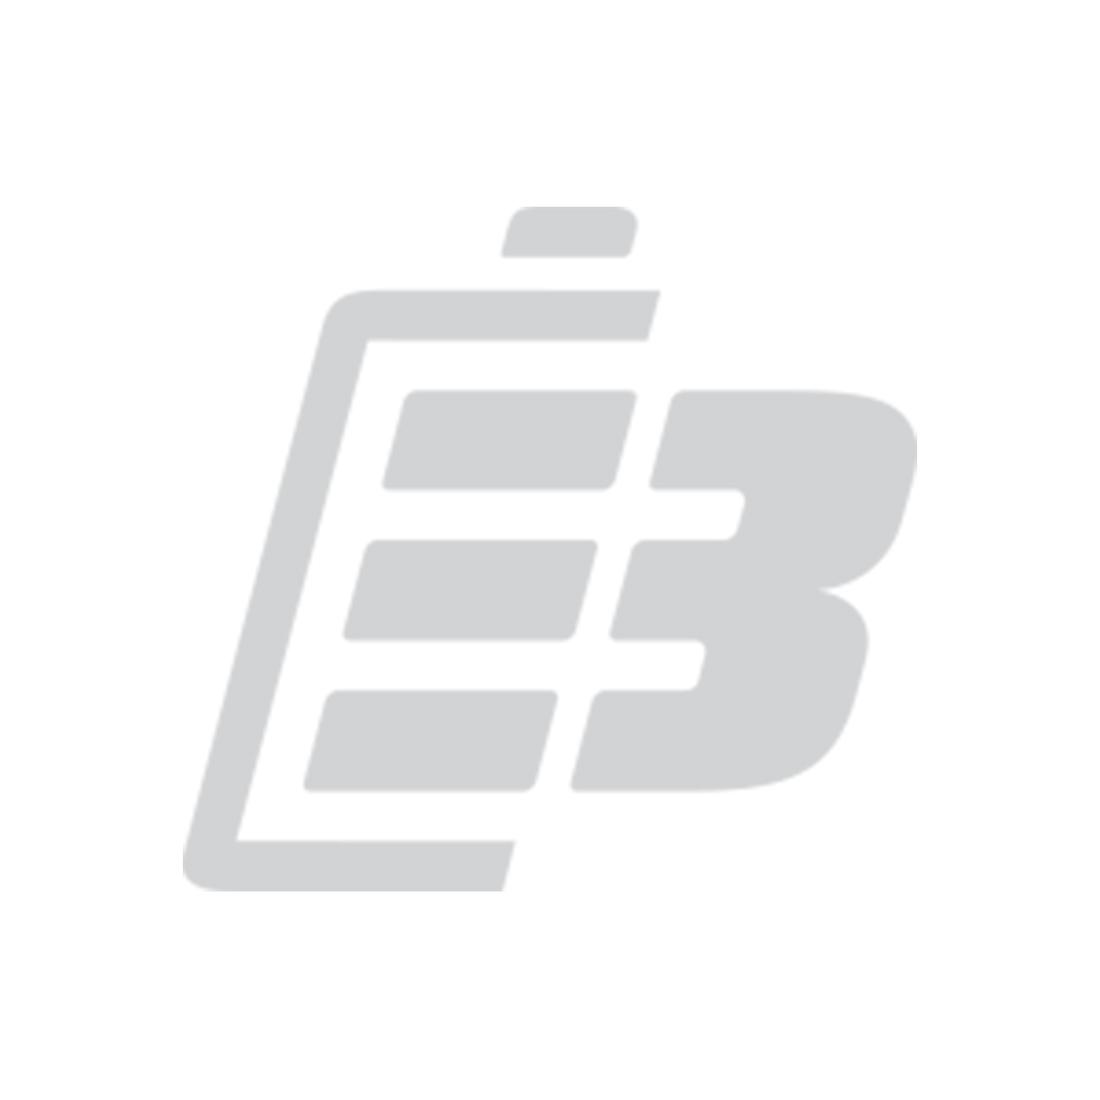 Μπαταρία tablet Archos 9 Tablet PC_1